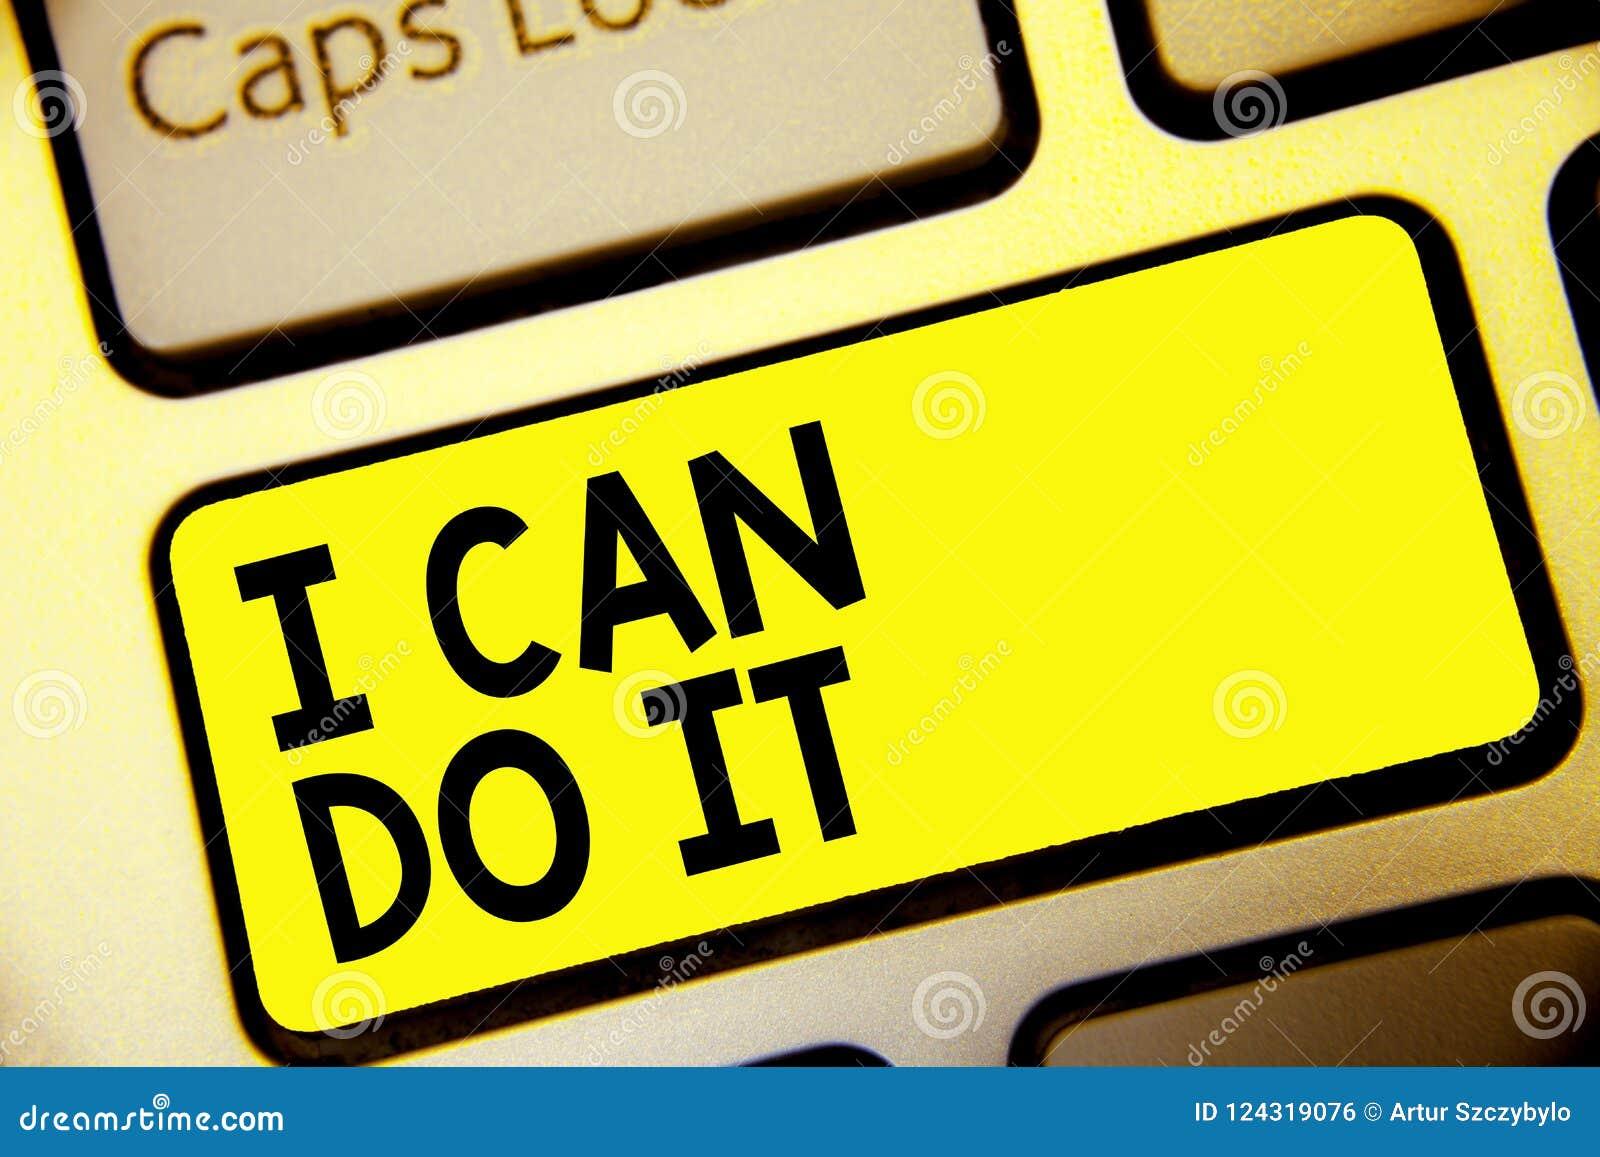 文本标志陈列我可以做它 概念性照片老化自愿接受和遇见挑战好态度键盘黄色钥匙我